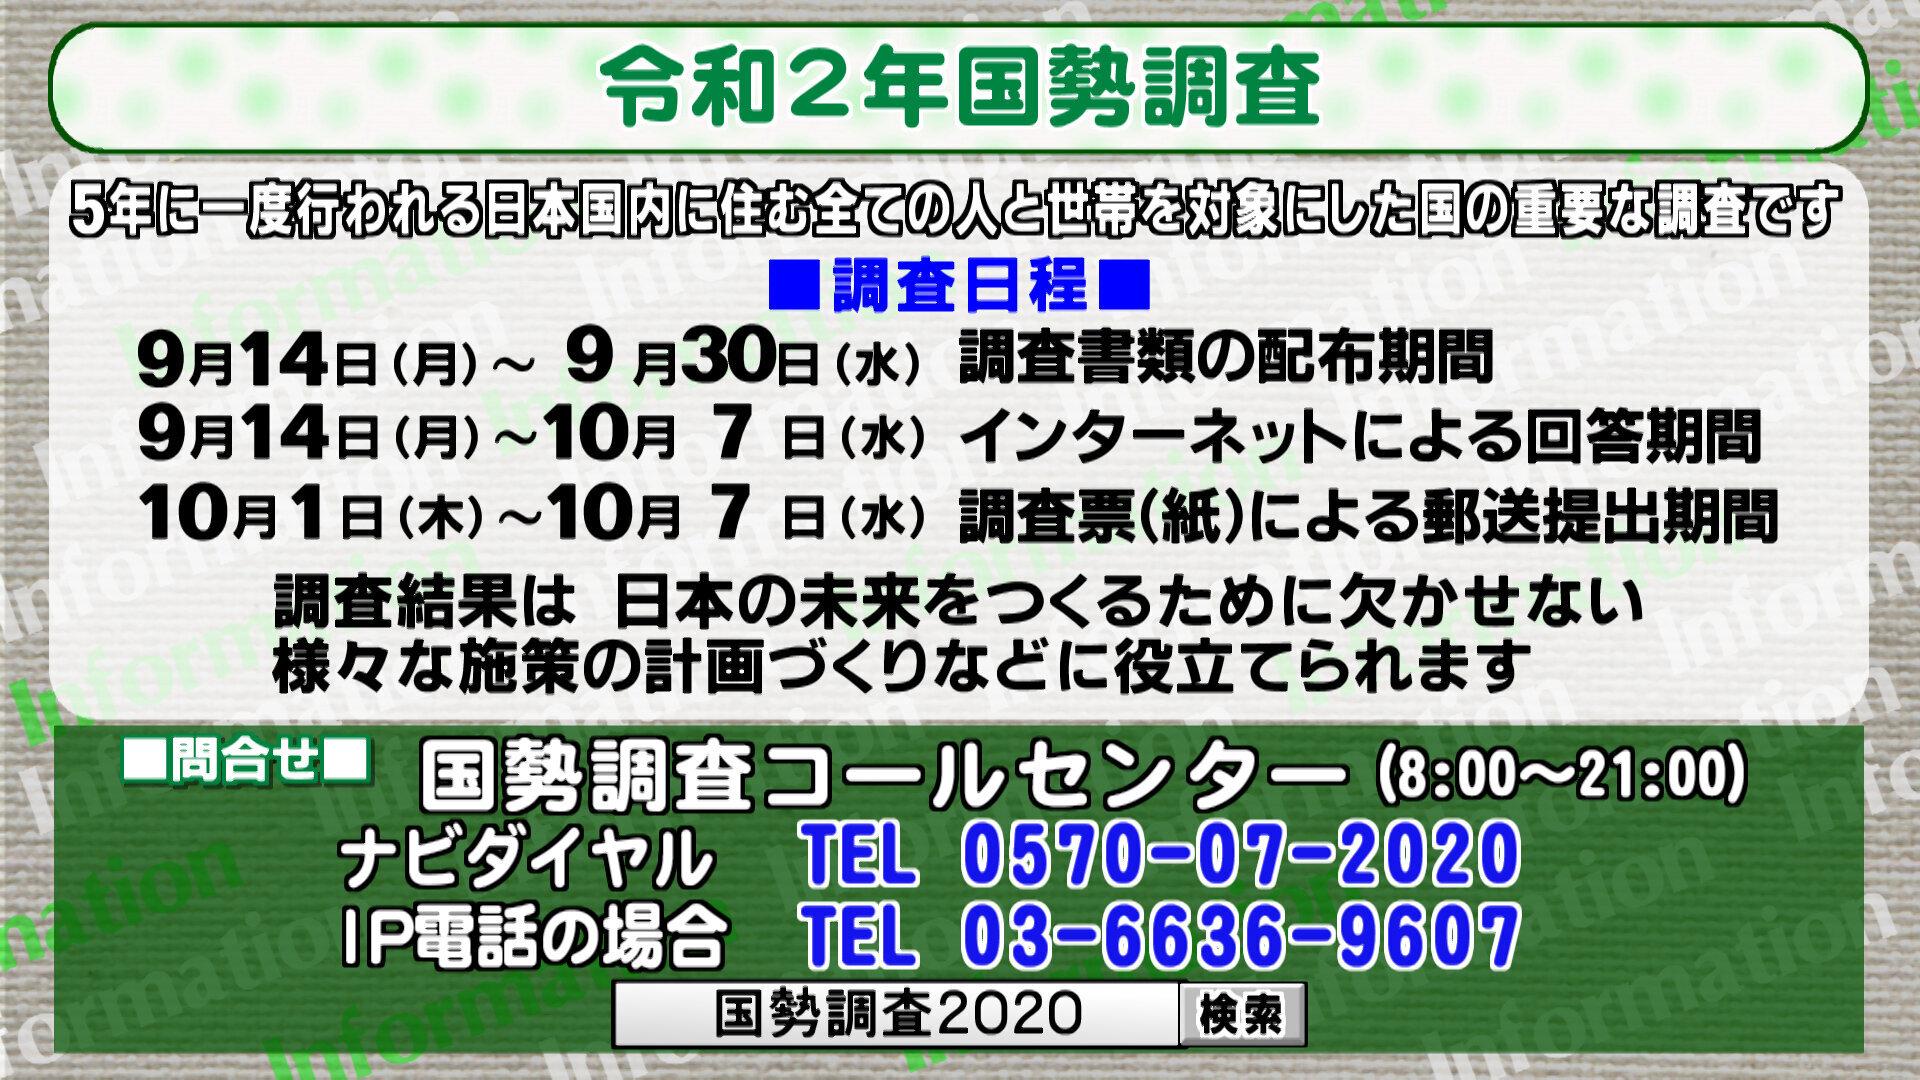 info001.jpg